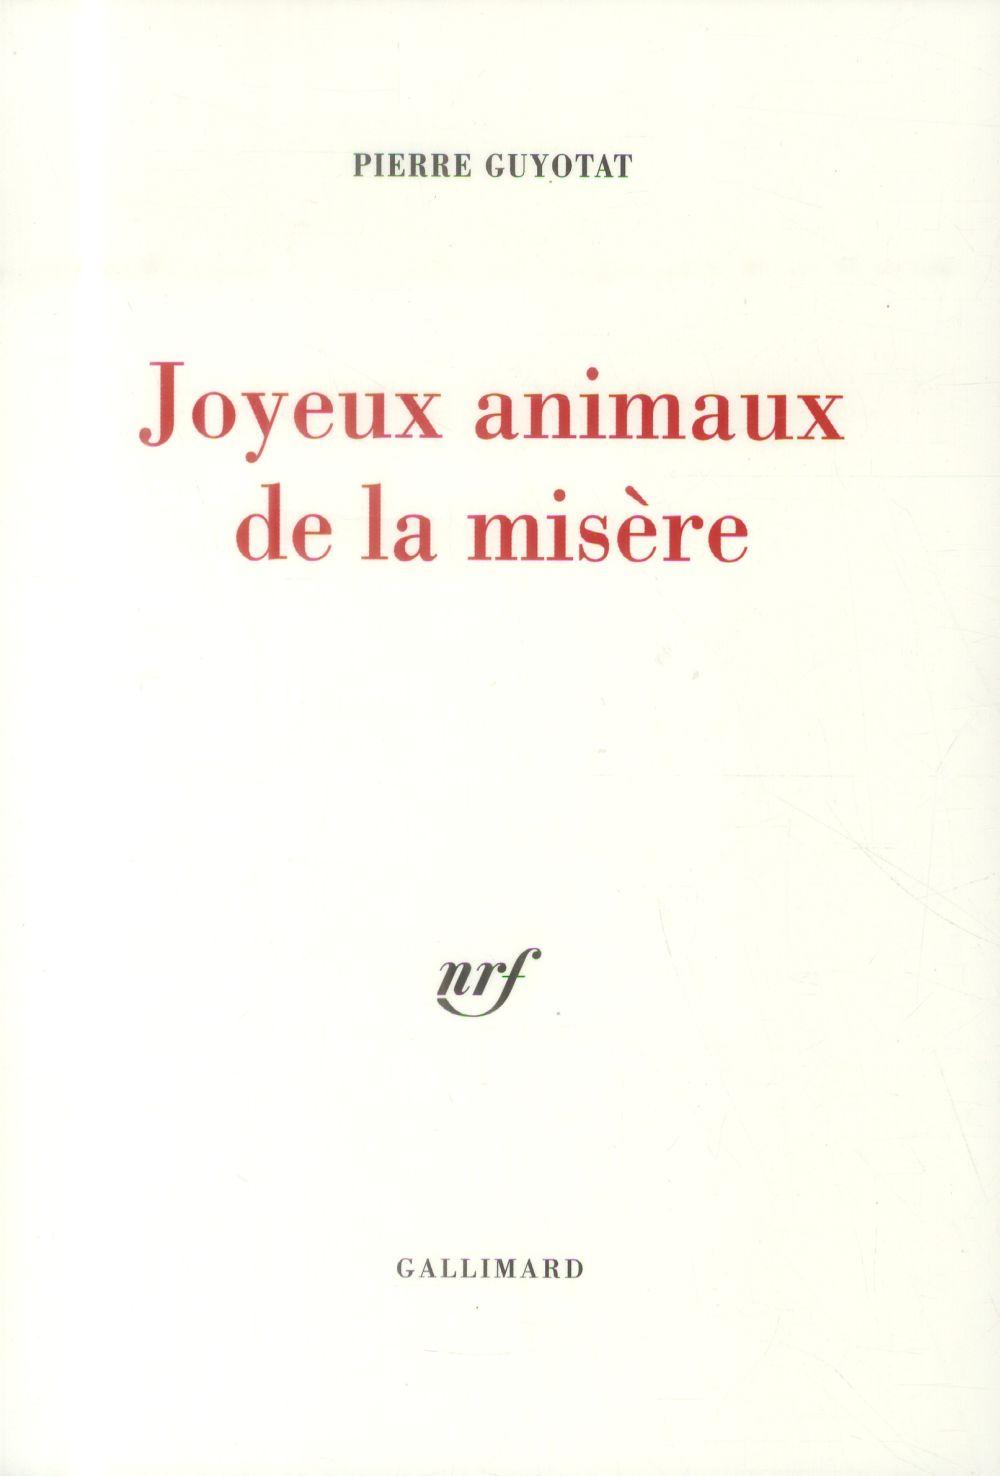 JOYEUX ANIMAUX DE LA MISERE